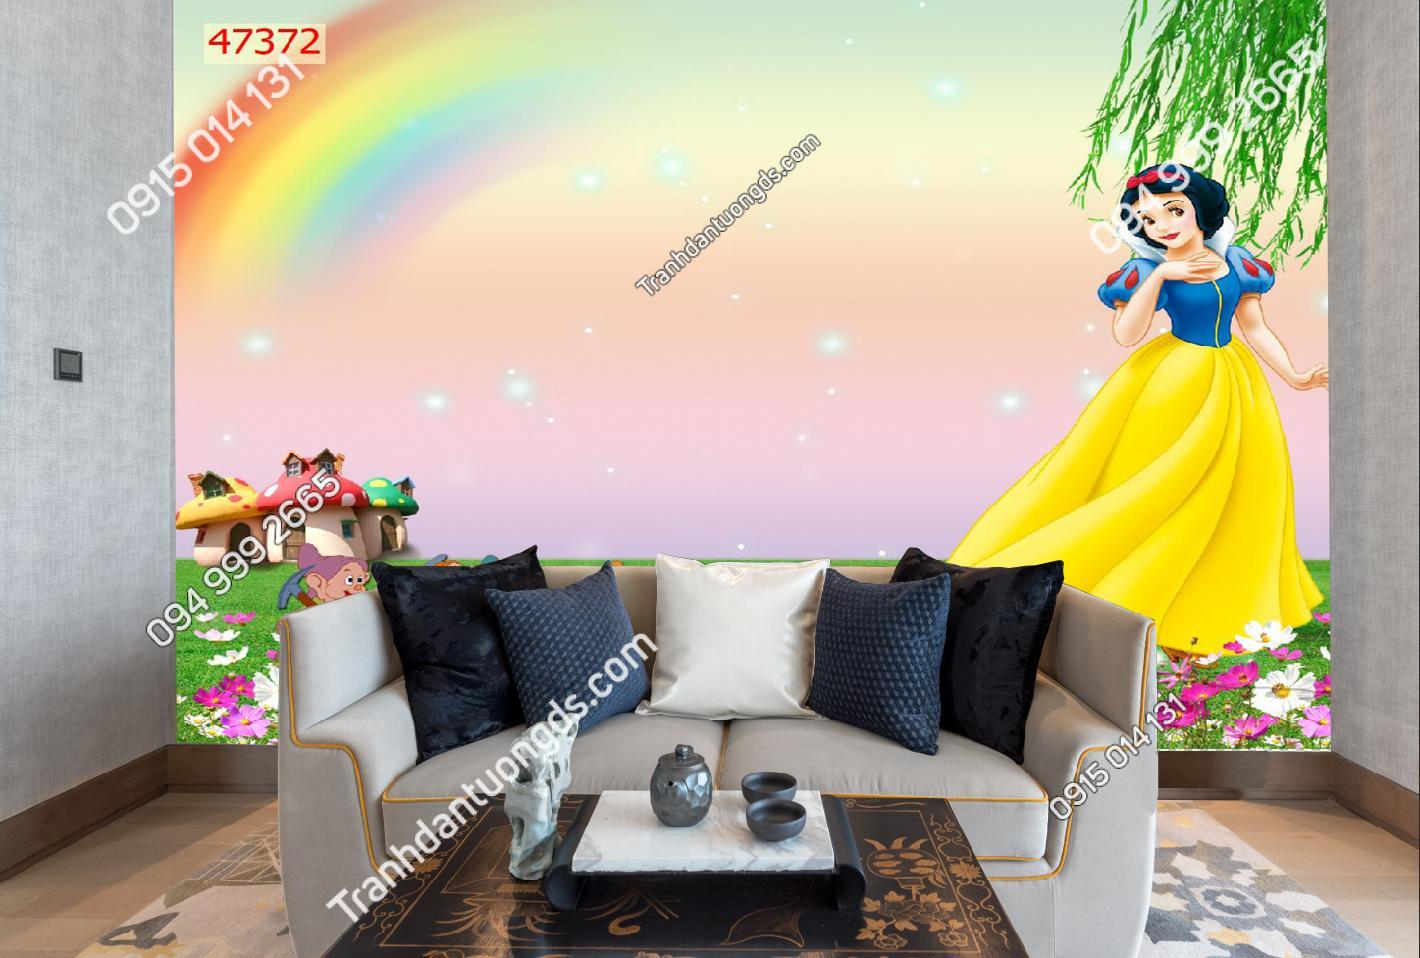 Tranh dán tường công chúa cầu vồng 47372-demo